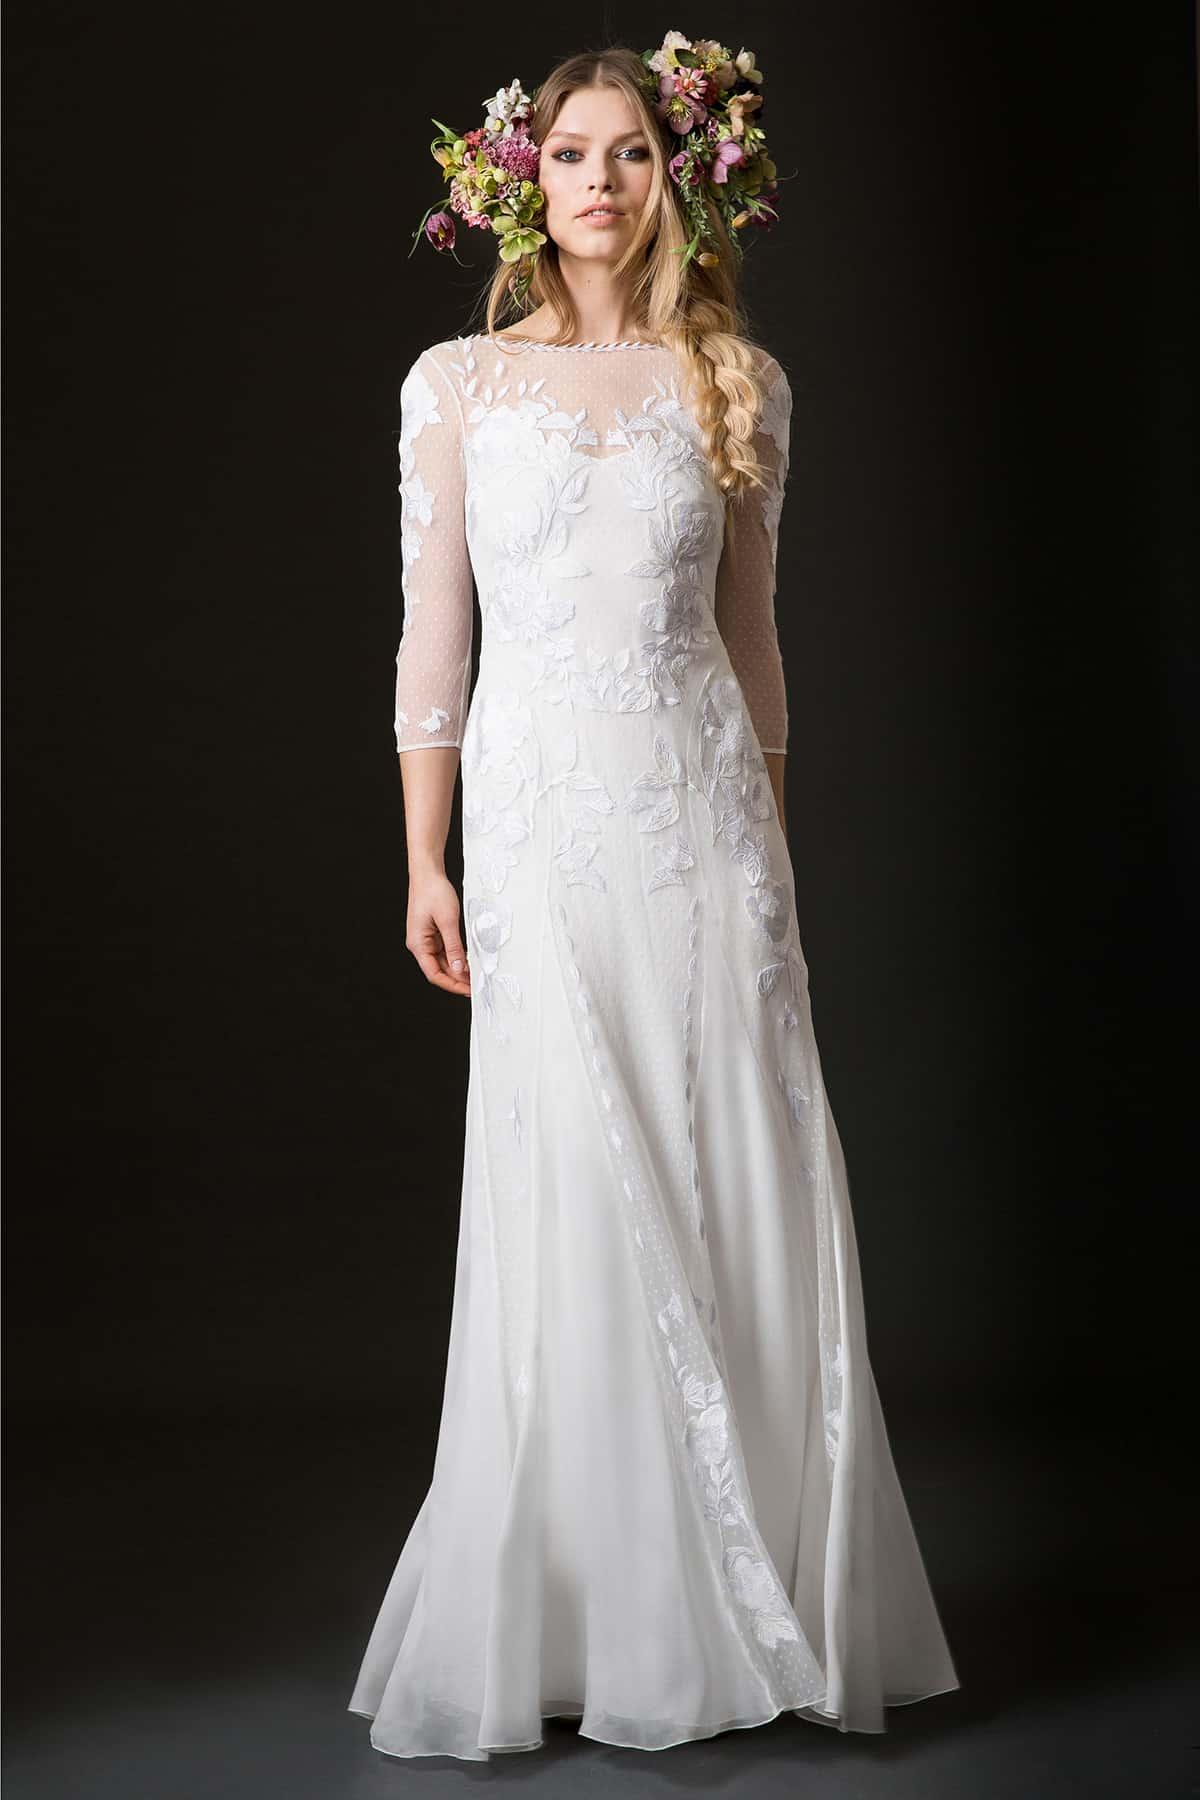 Temperley-Bridal-Aubrey-Dress-White